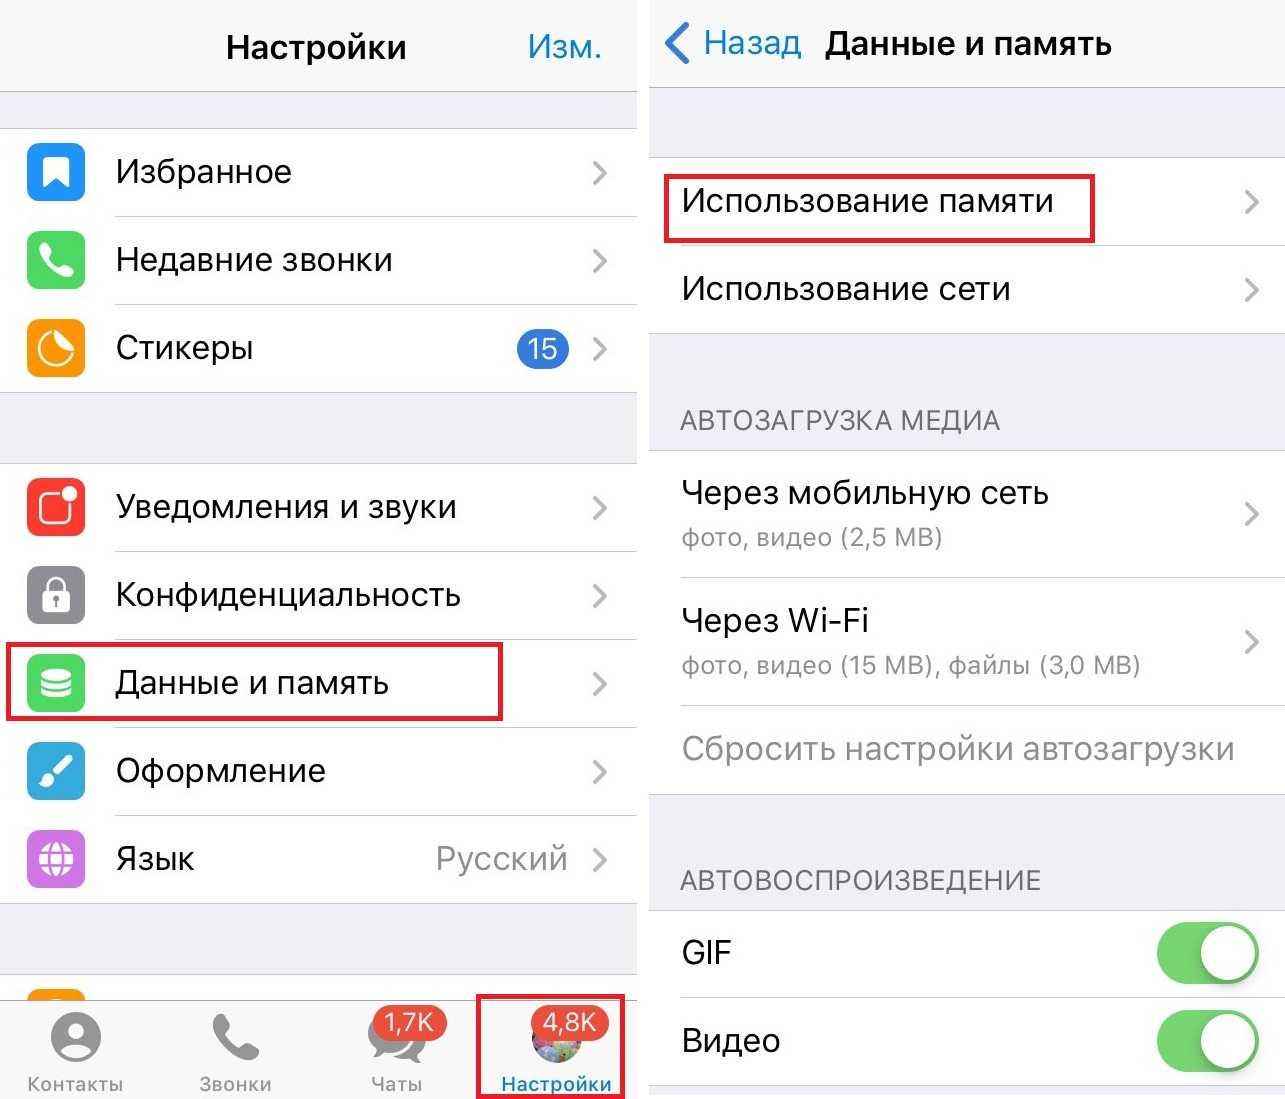 5 способов очистить кэш на айфоне 5, 6, 7, 8 или 10